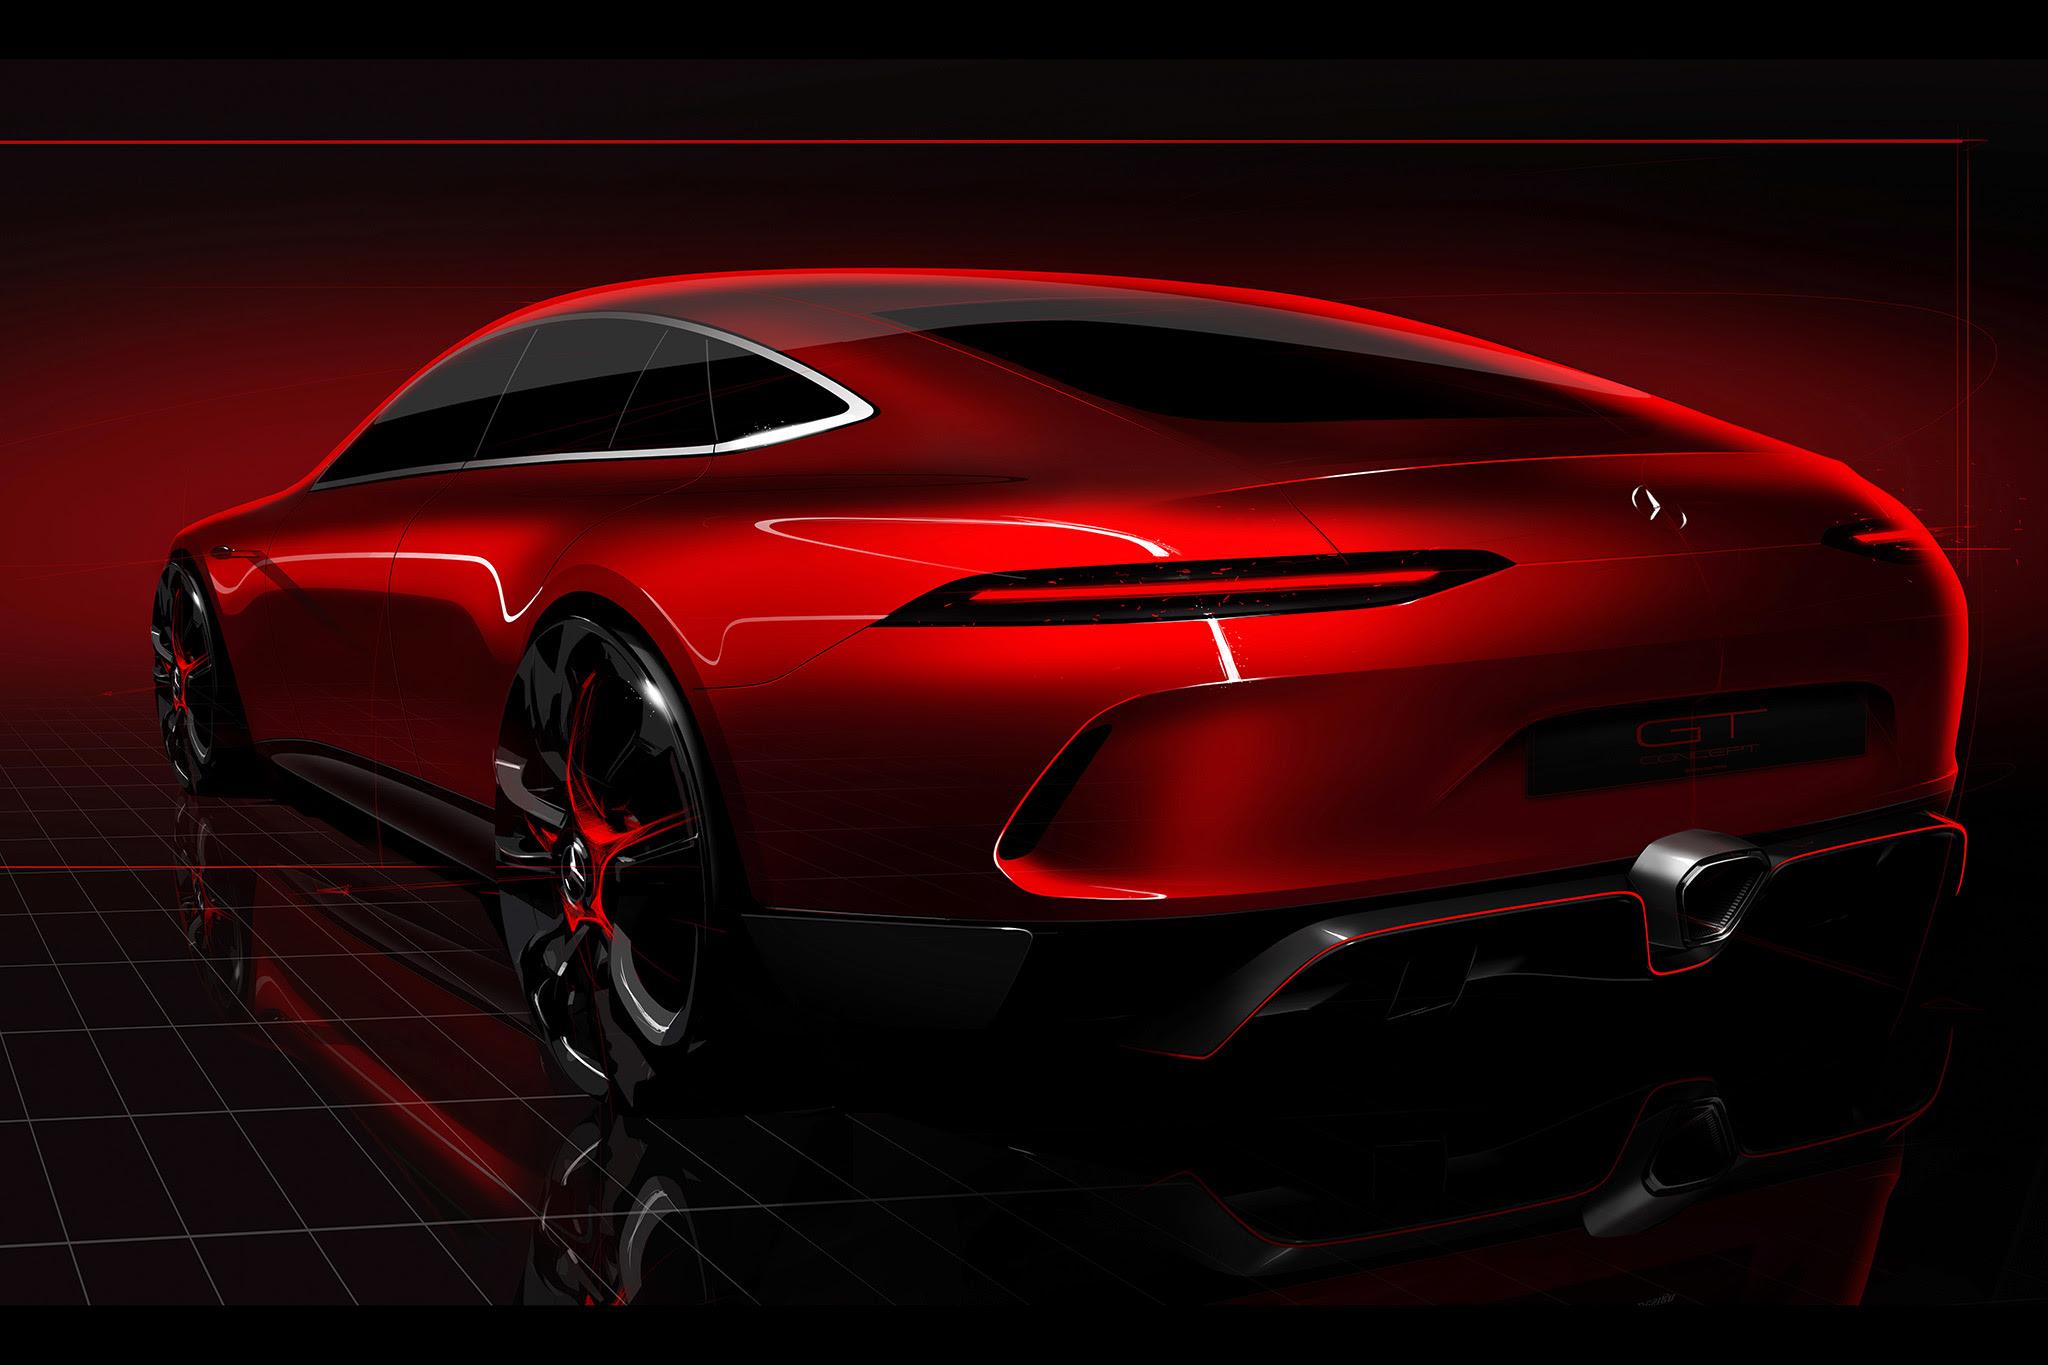 2017 Geneva Mercedes Benz AMG GT Concept, HD Cars, 4k ...